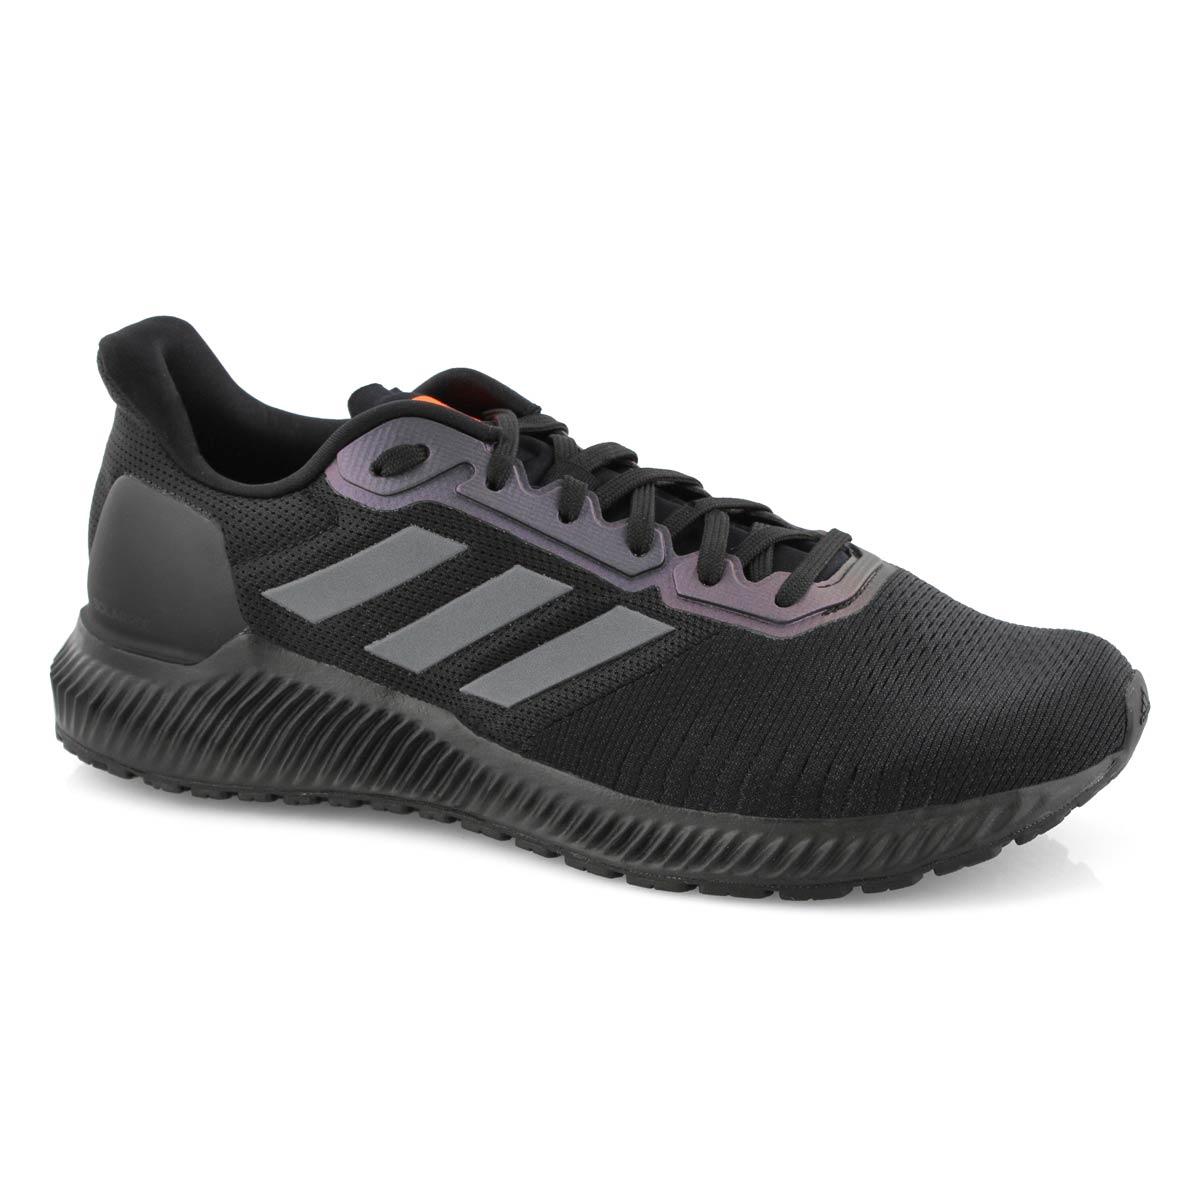 Chaussures de course SOLAR RIDE M noir/gris, homme